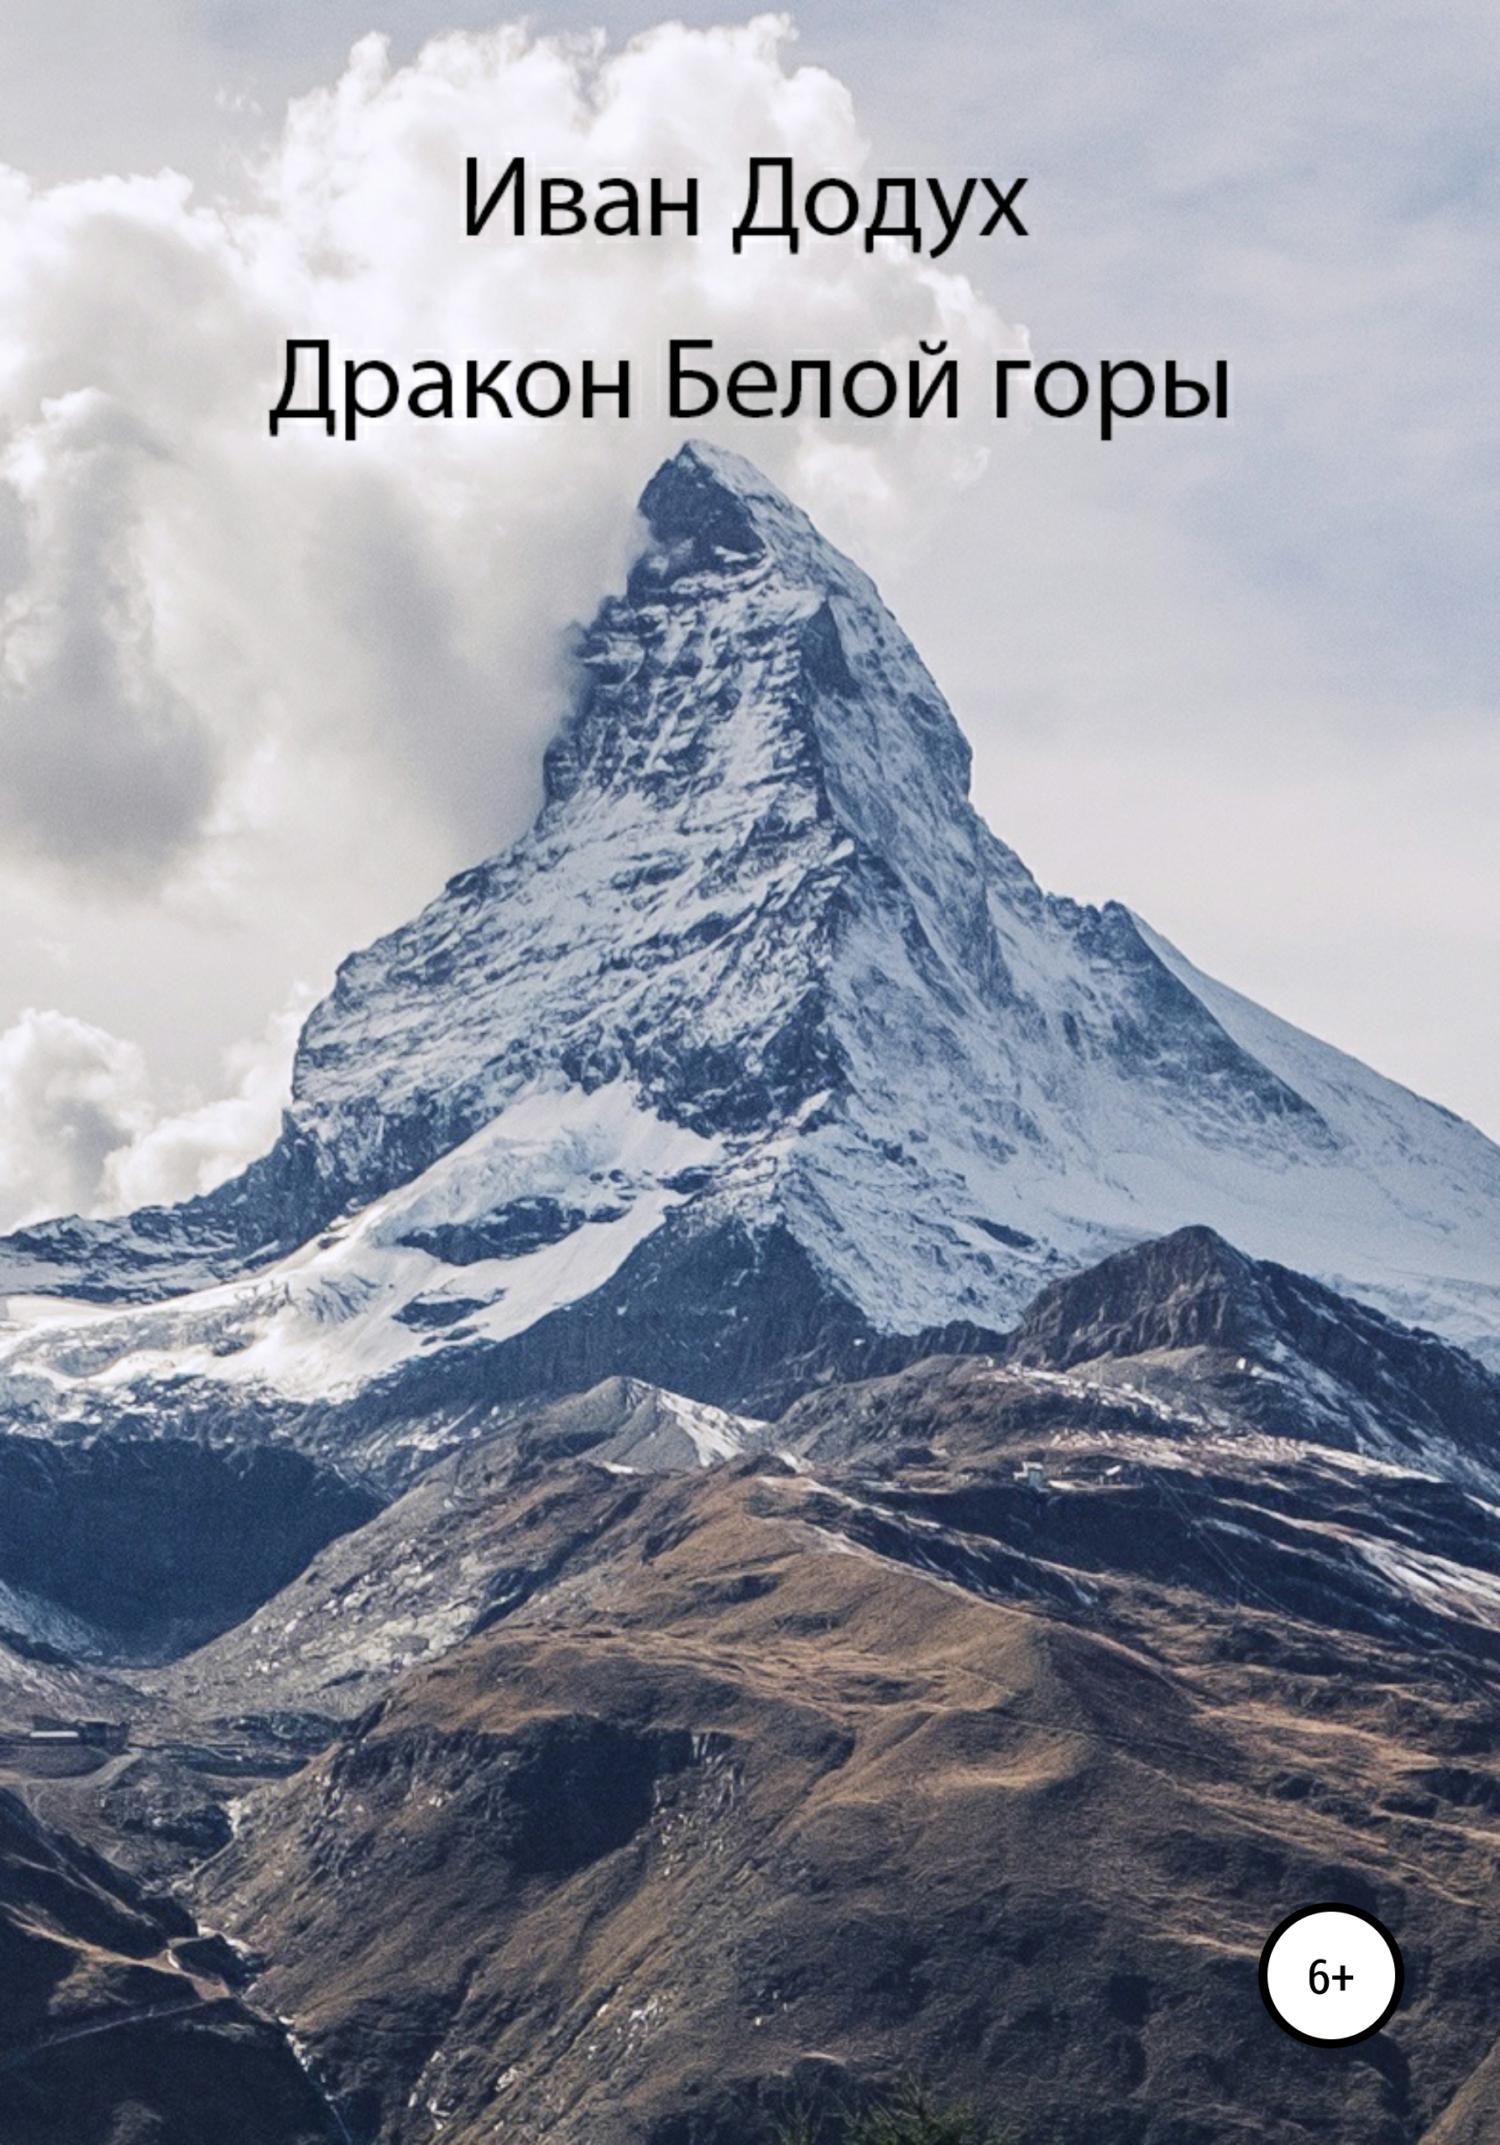 Дракон белой горы